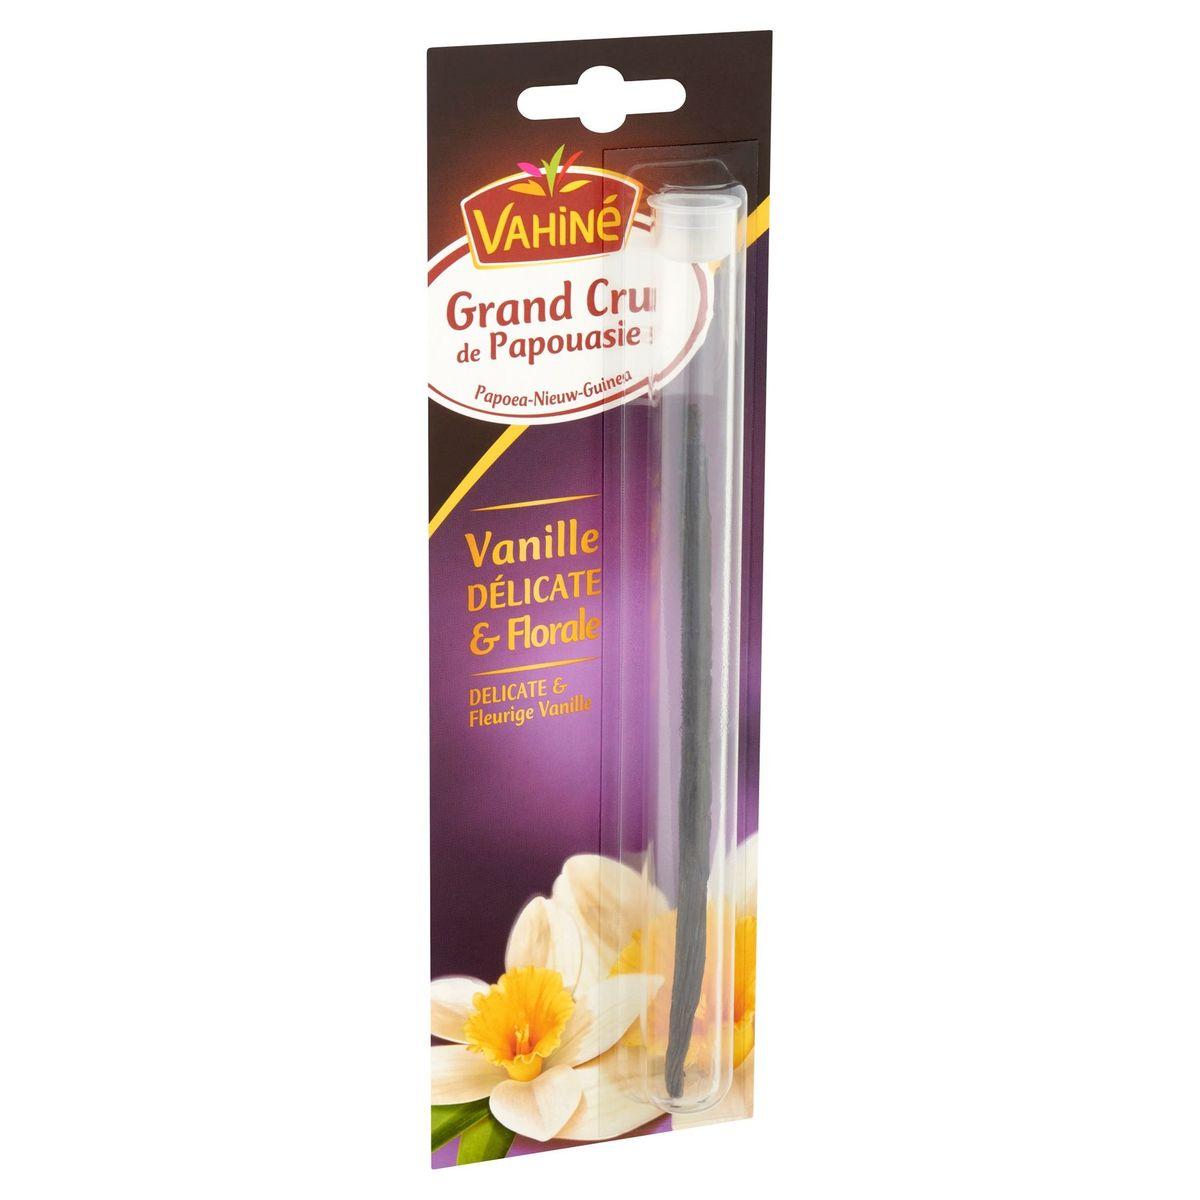 Vahiné Grand Cru de Papouasie Vanille Délicate & Florale